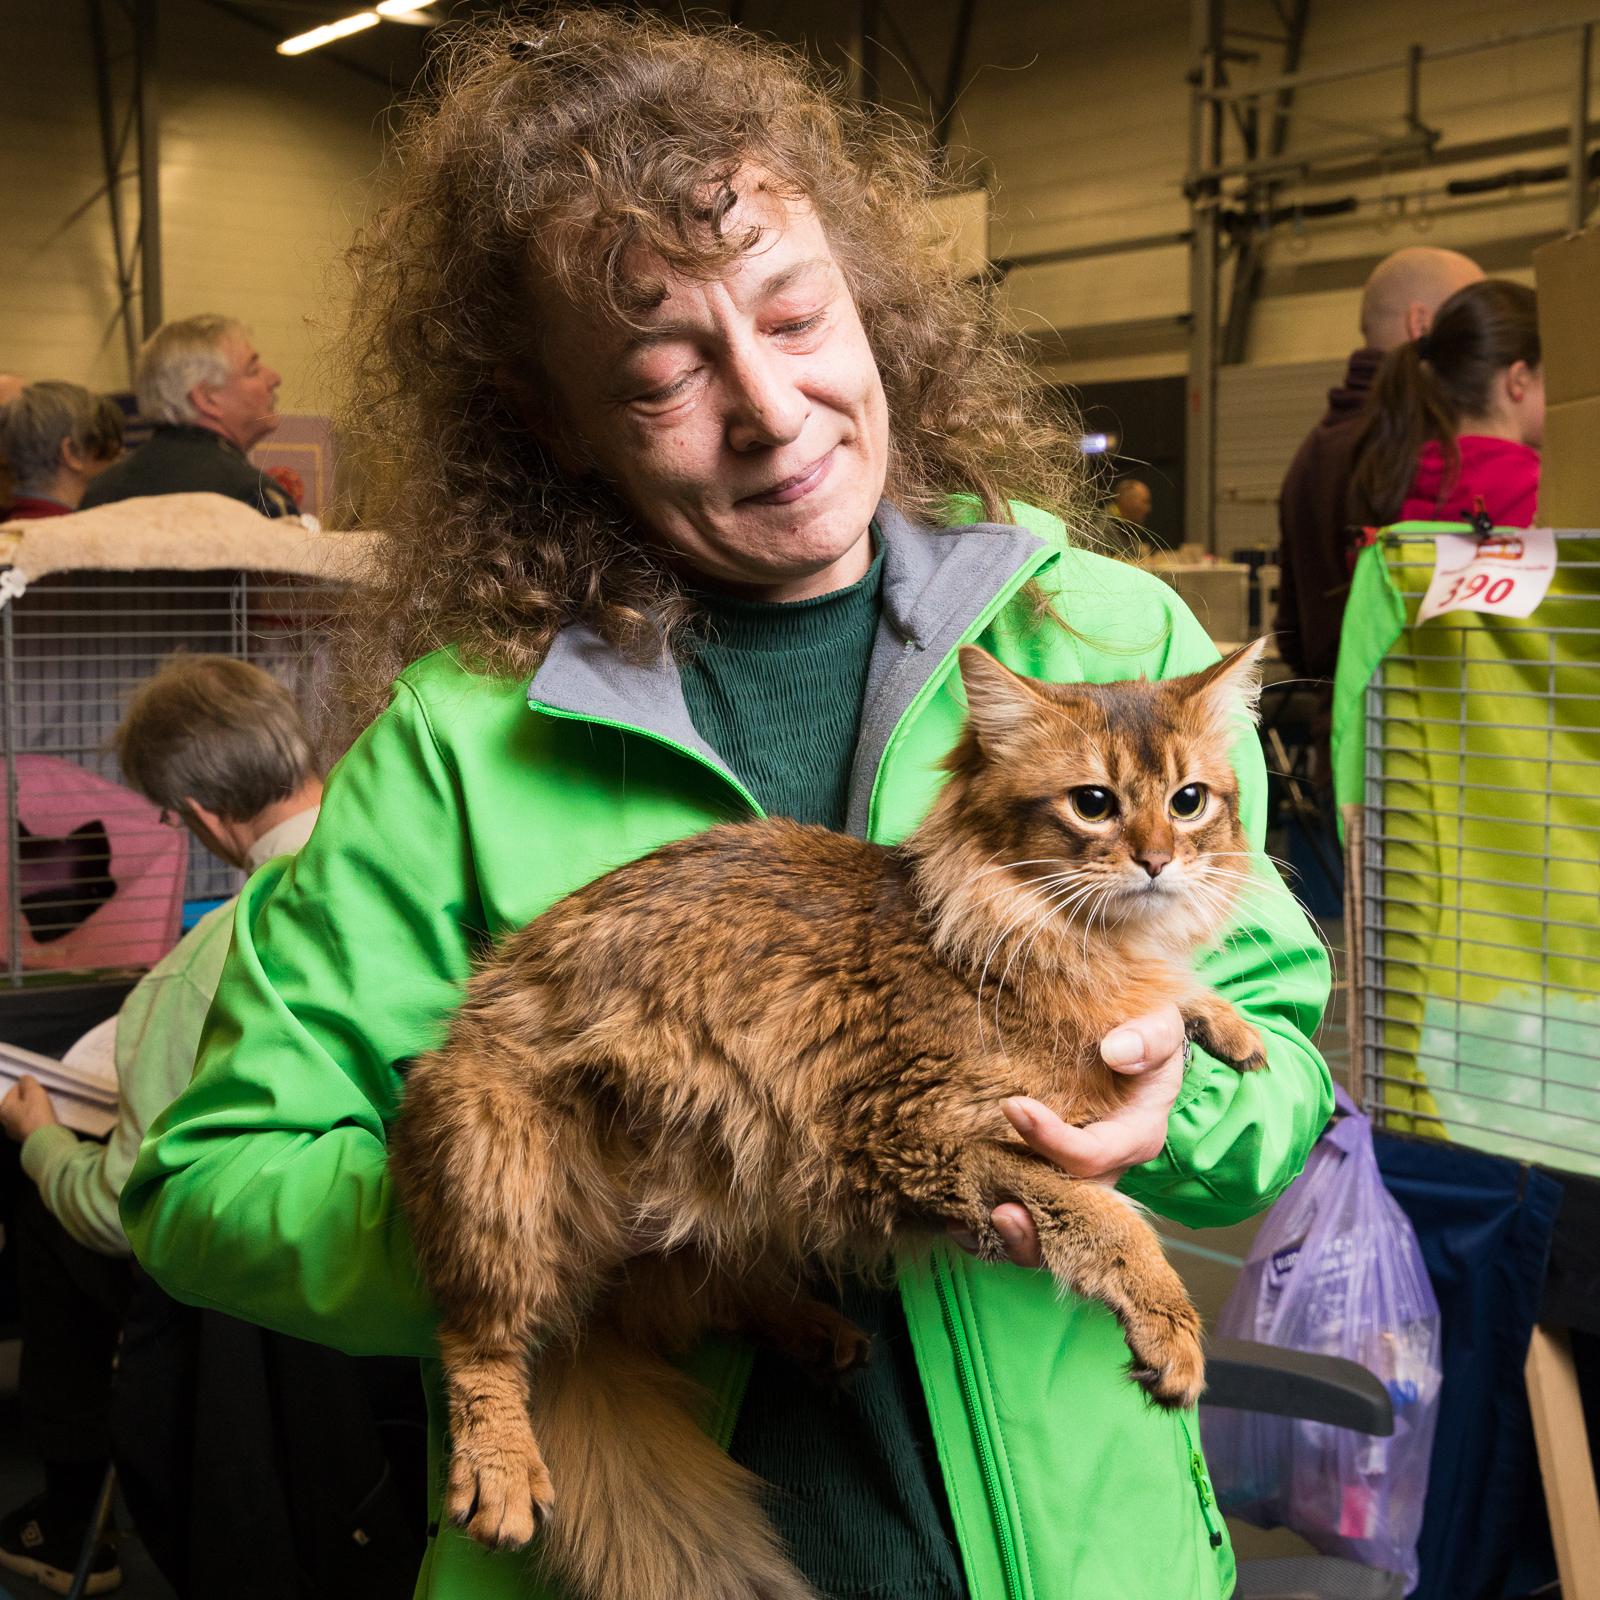 25-Kattenshow hilversum-8242.jpg